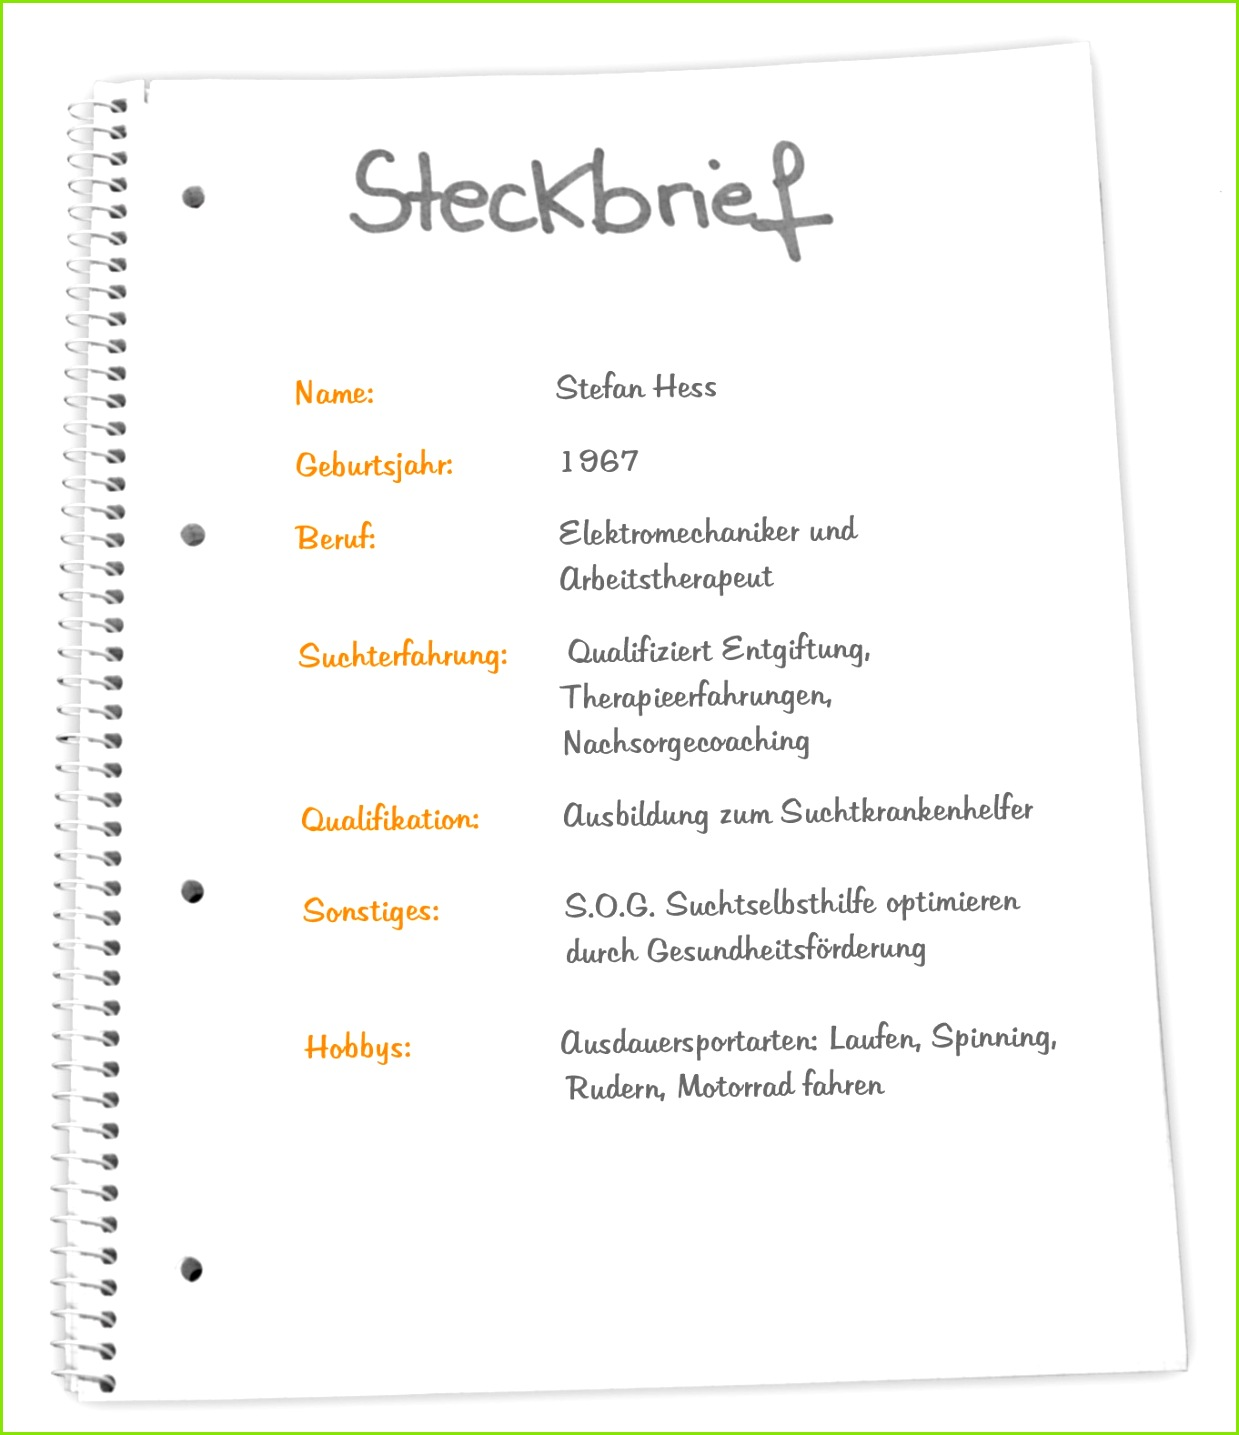 Steckbrief Erzieherin Kindergarten Vorlage Beste Steckbrief Erzieherin Kindergarten Vorlage Vorlagen 1001 Der Steckbrief Erzieherin Kindergarten Vorlage 1